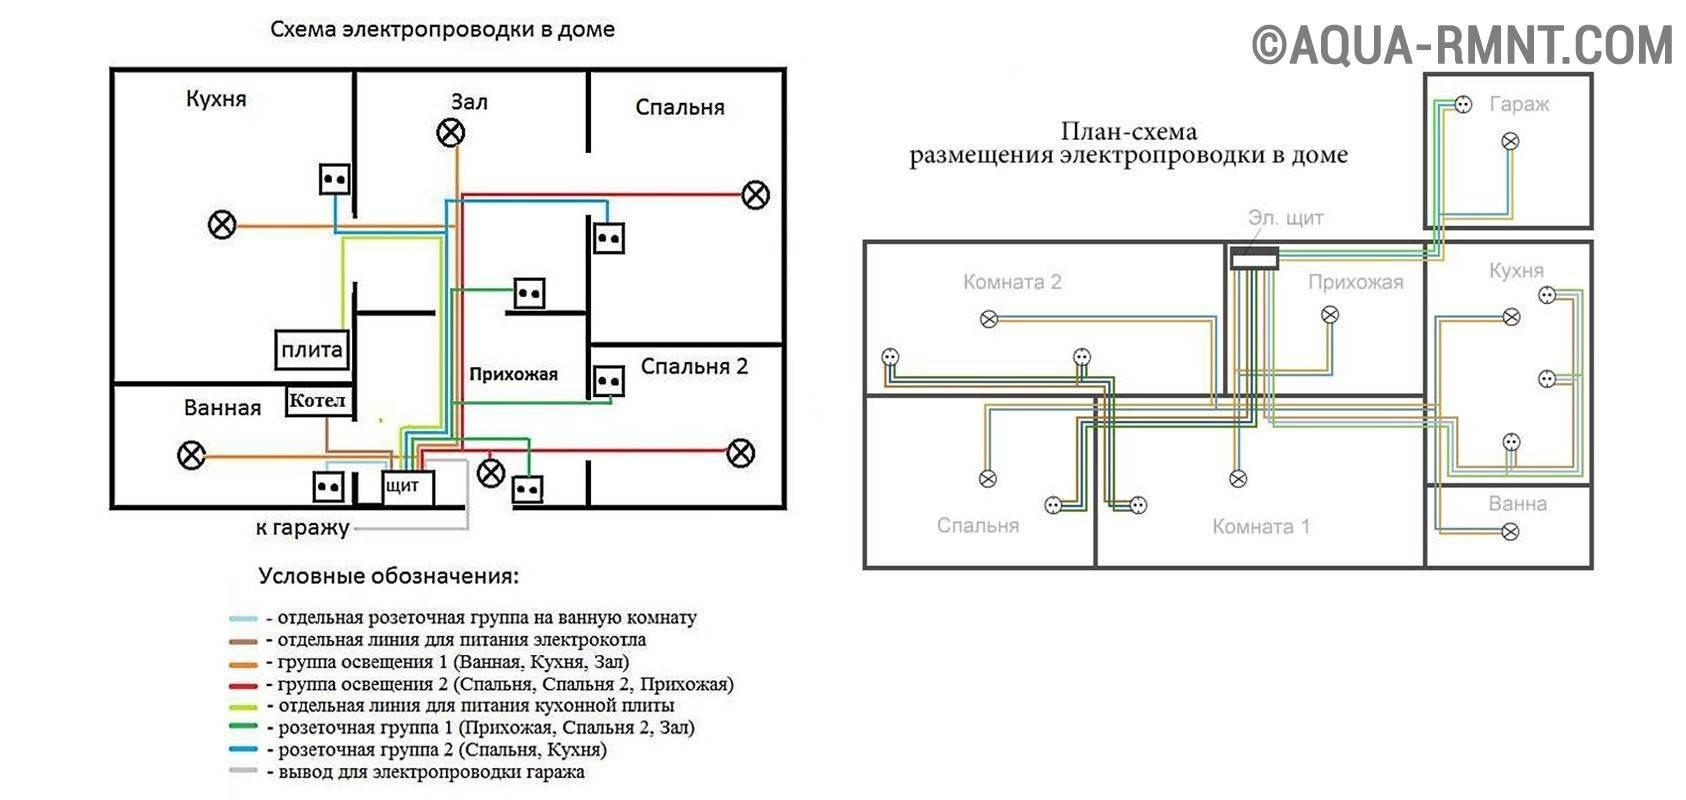 Виды прокладки, правила безопасности и самостоятельный монтаж электропроводки в бане